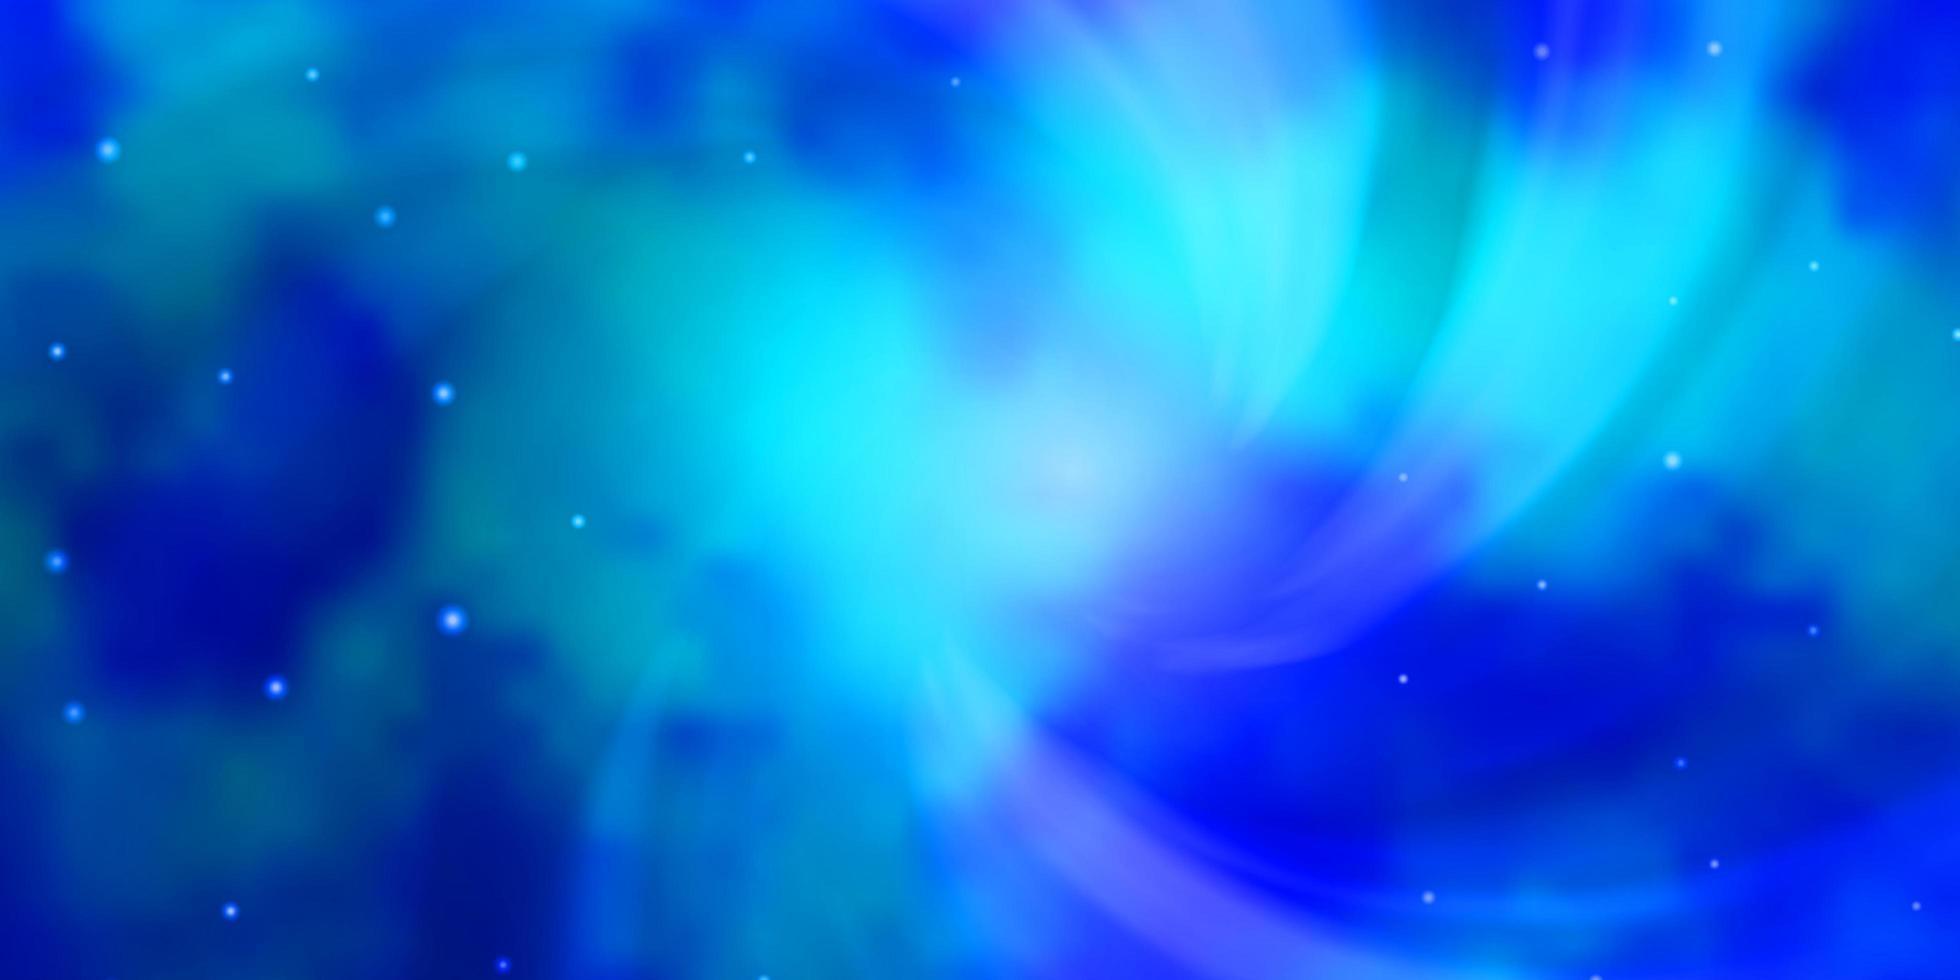 hellblauer Vektorhintergrund mit bunten Sternen. vektor